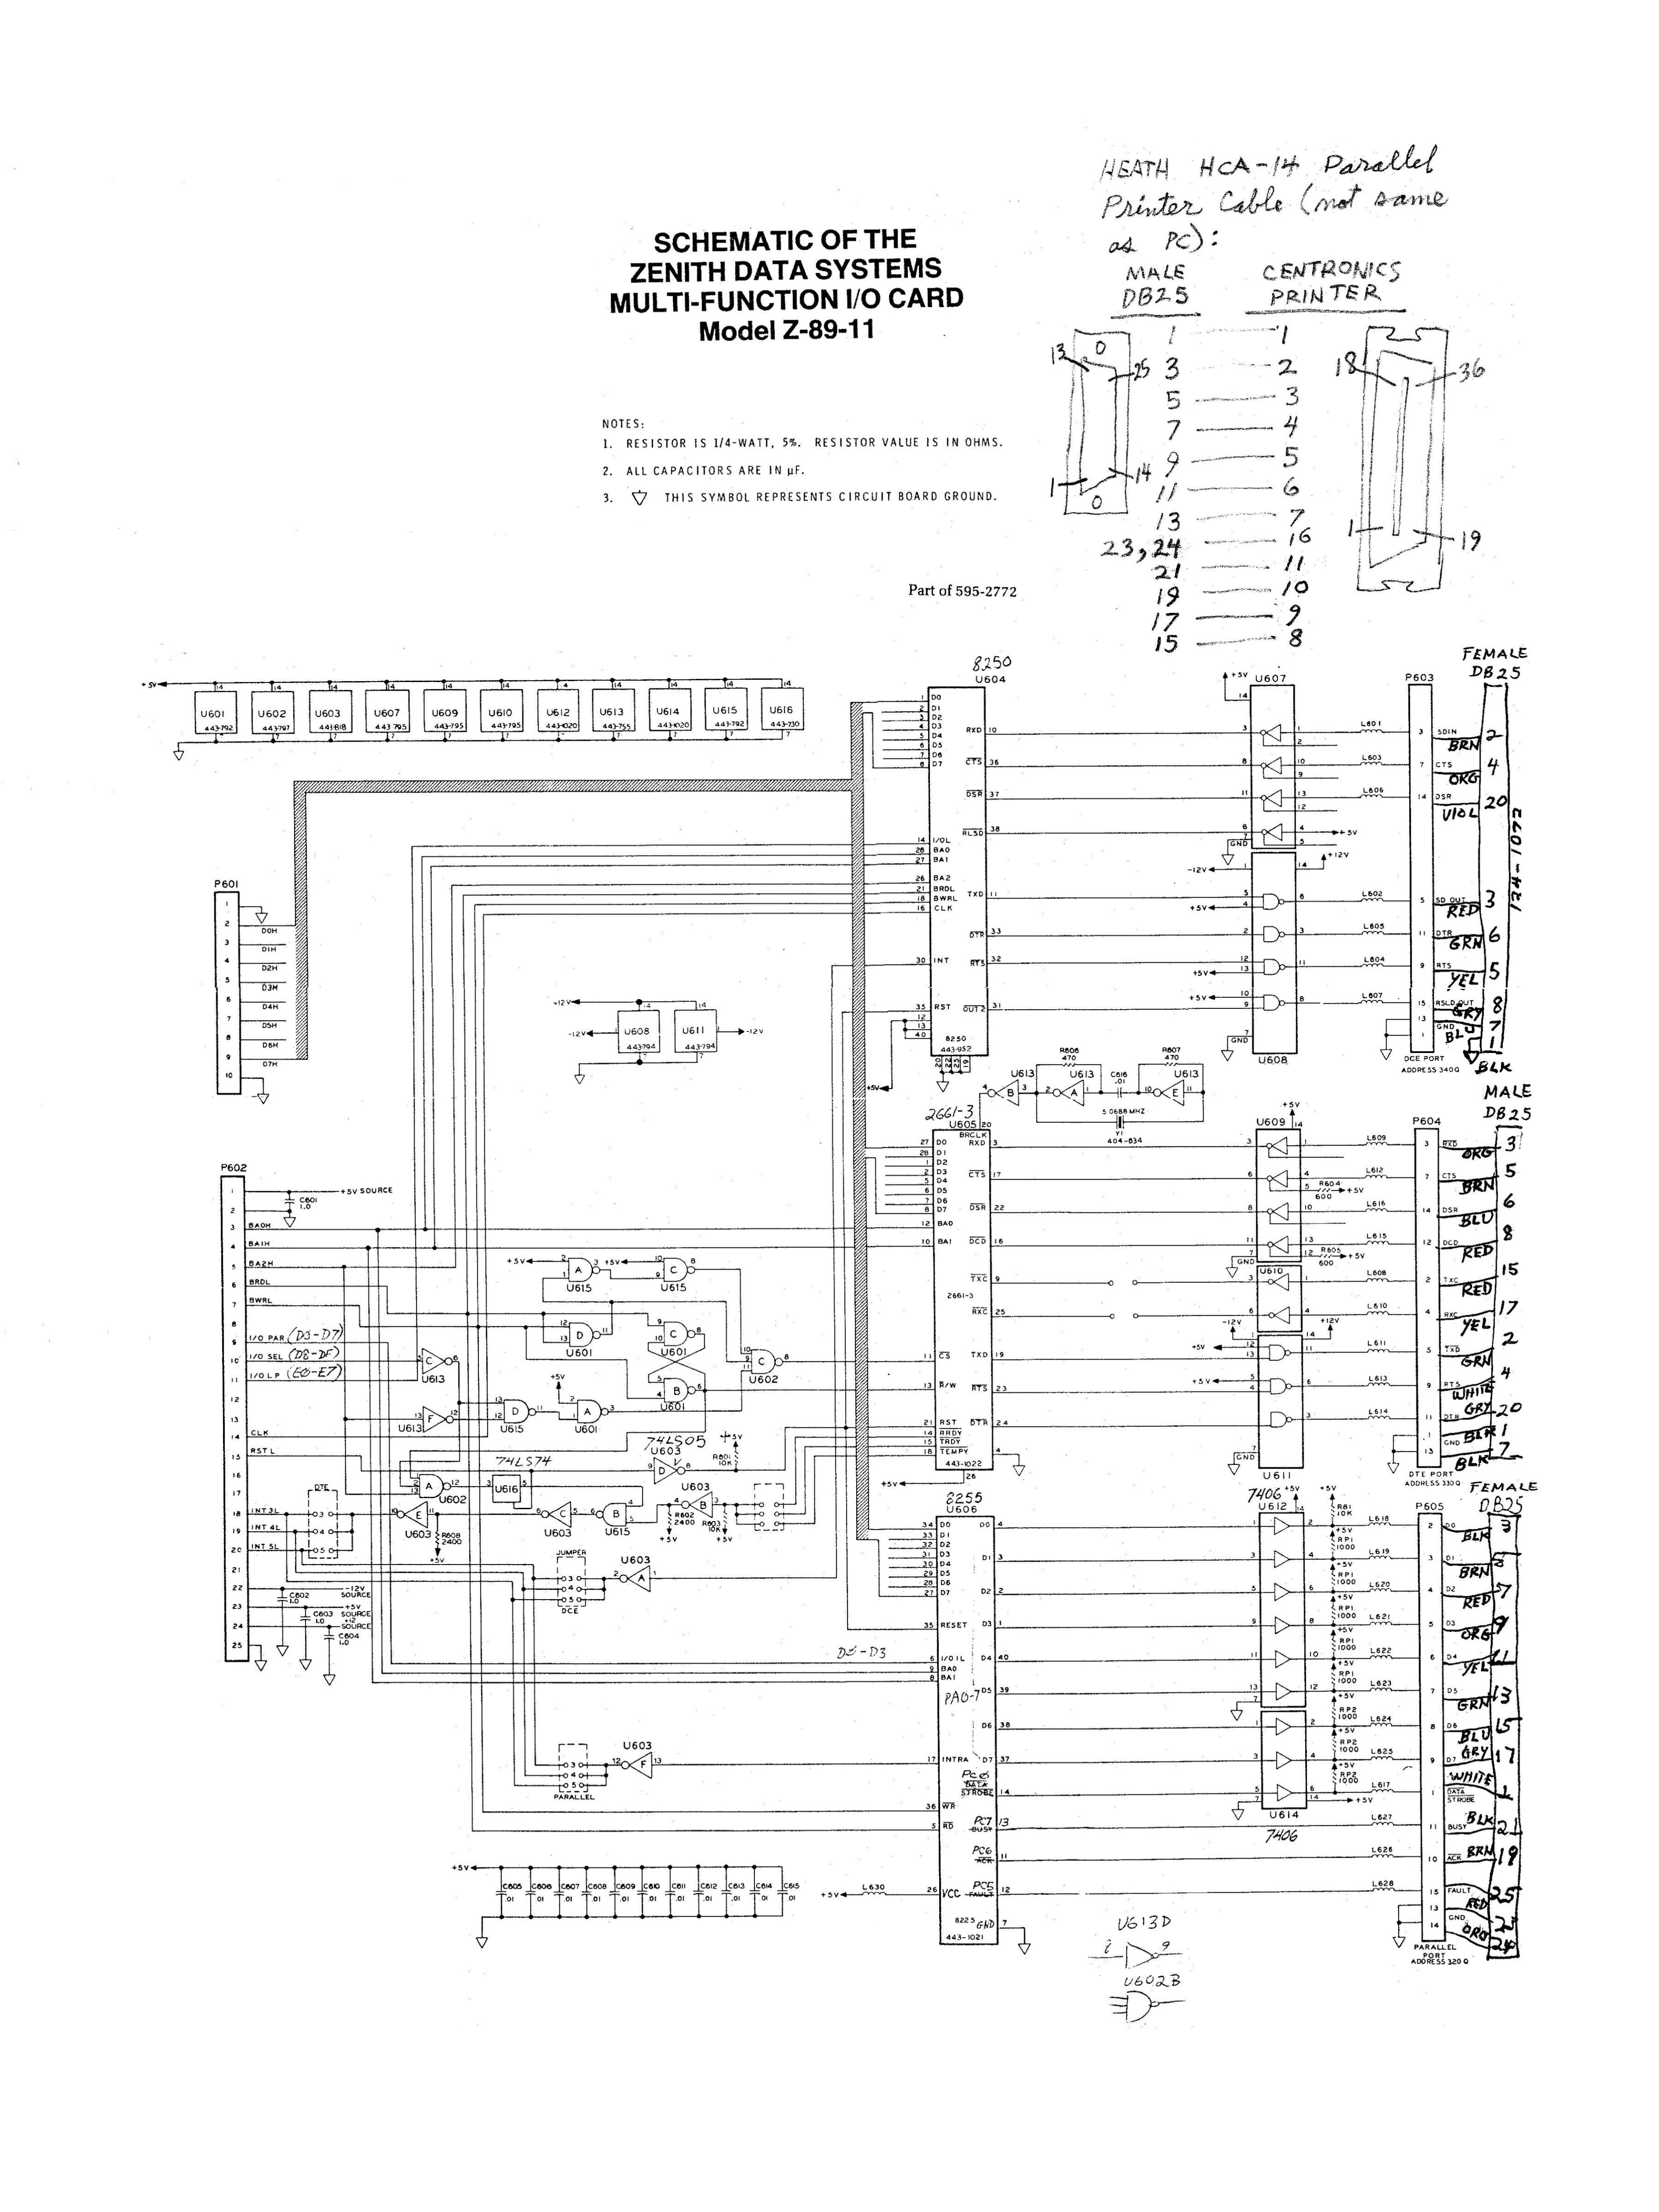 Heath Zenith H-89 boards